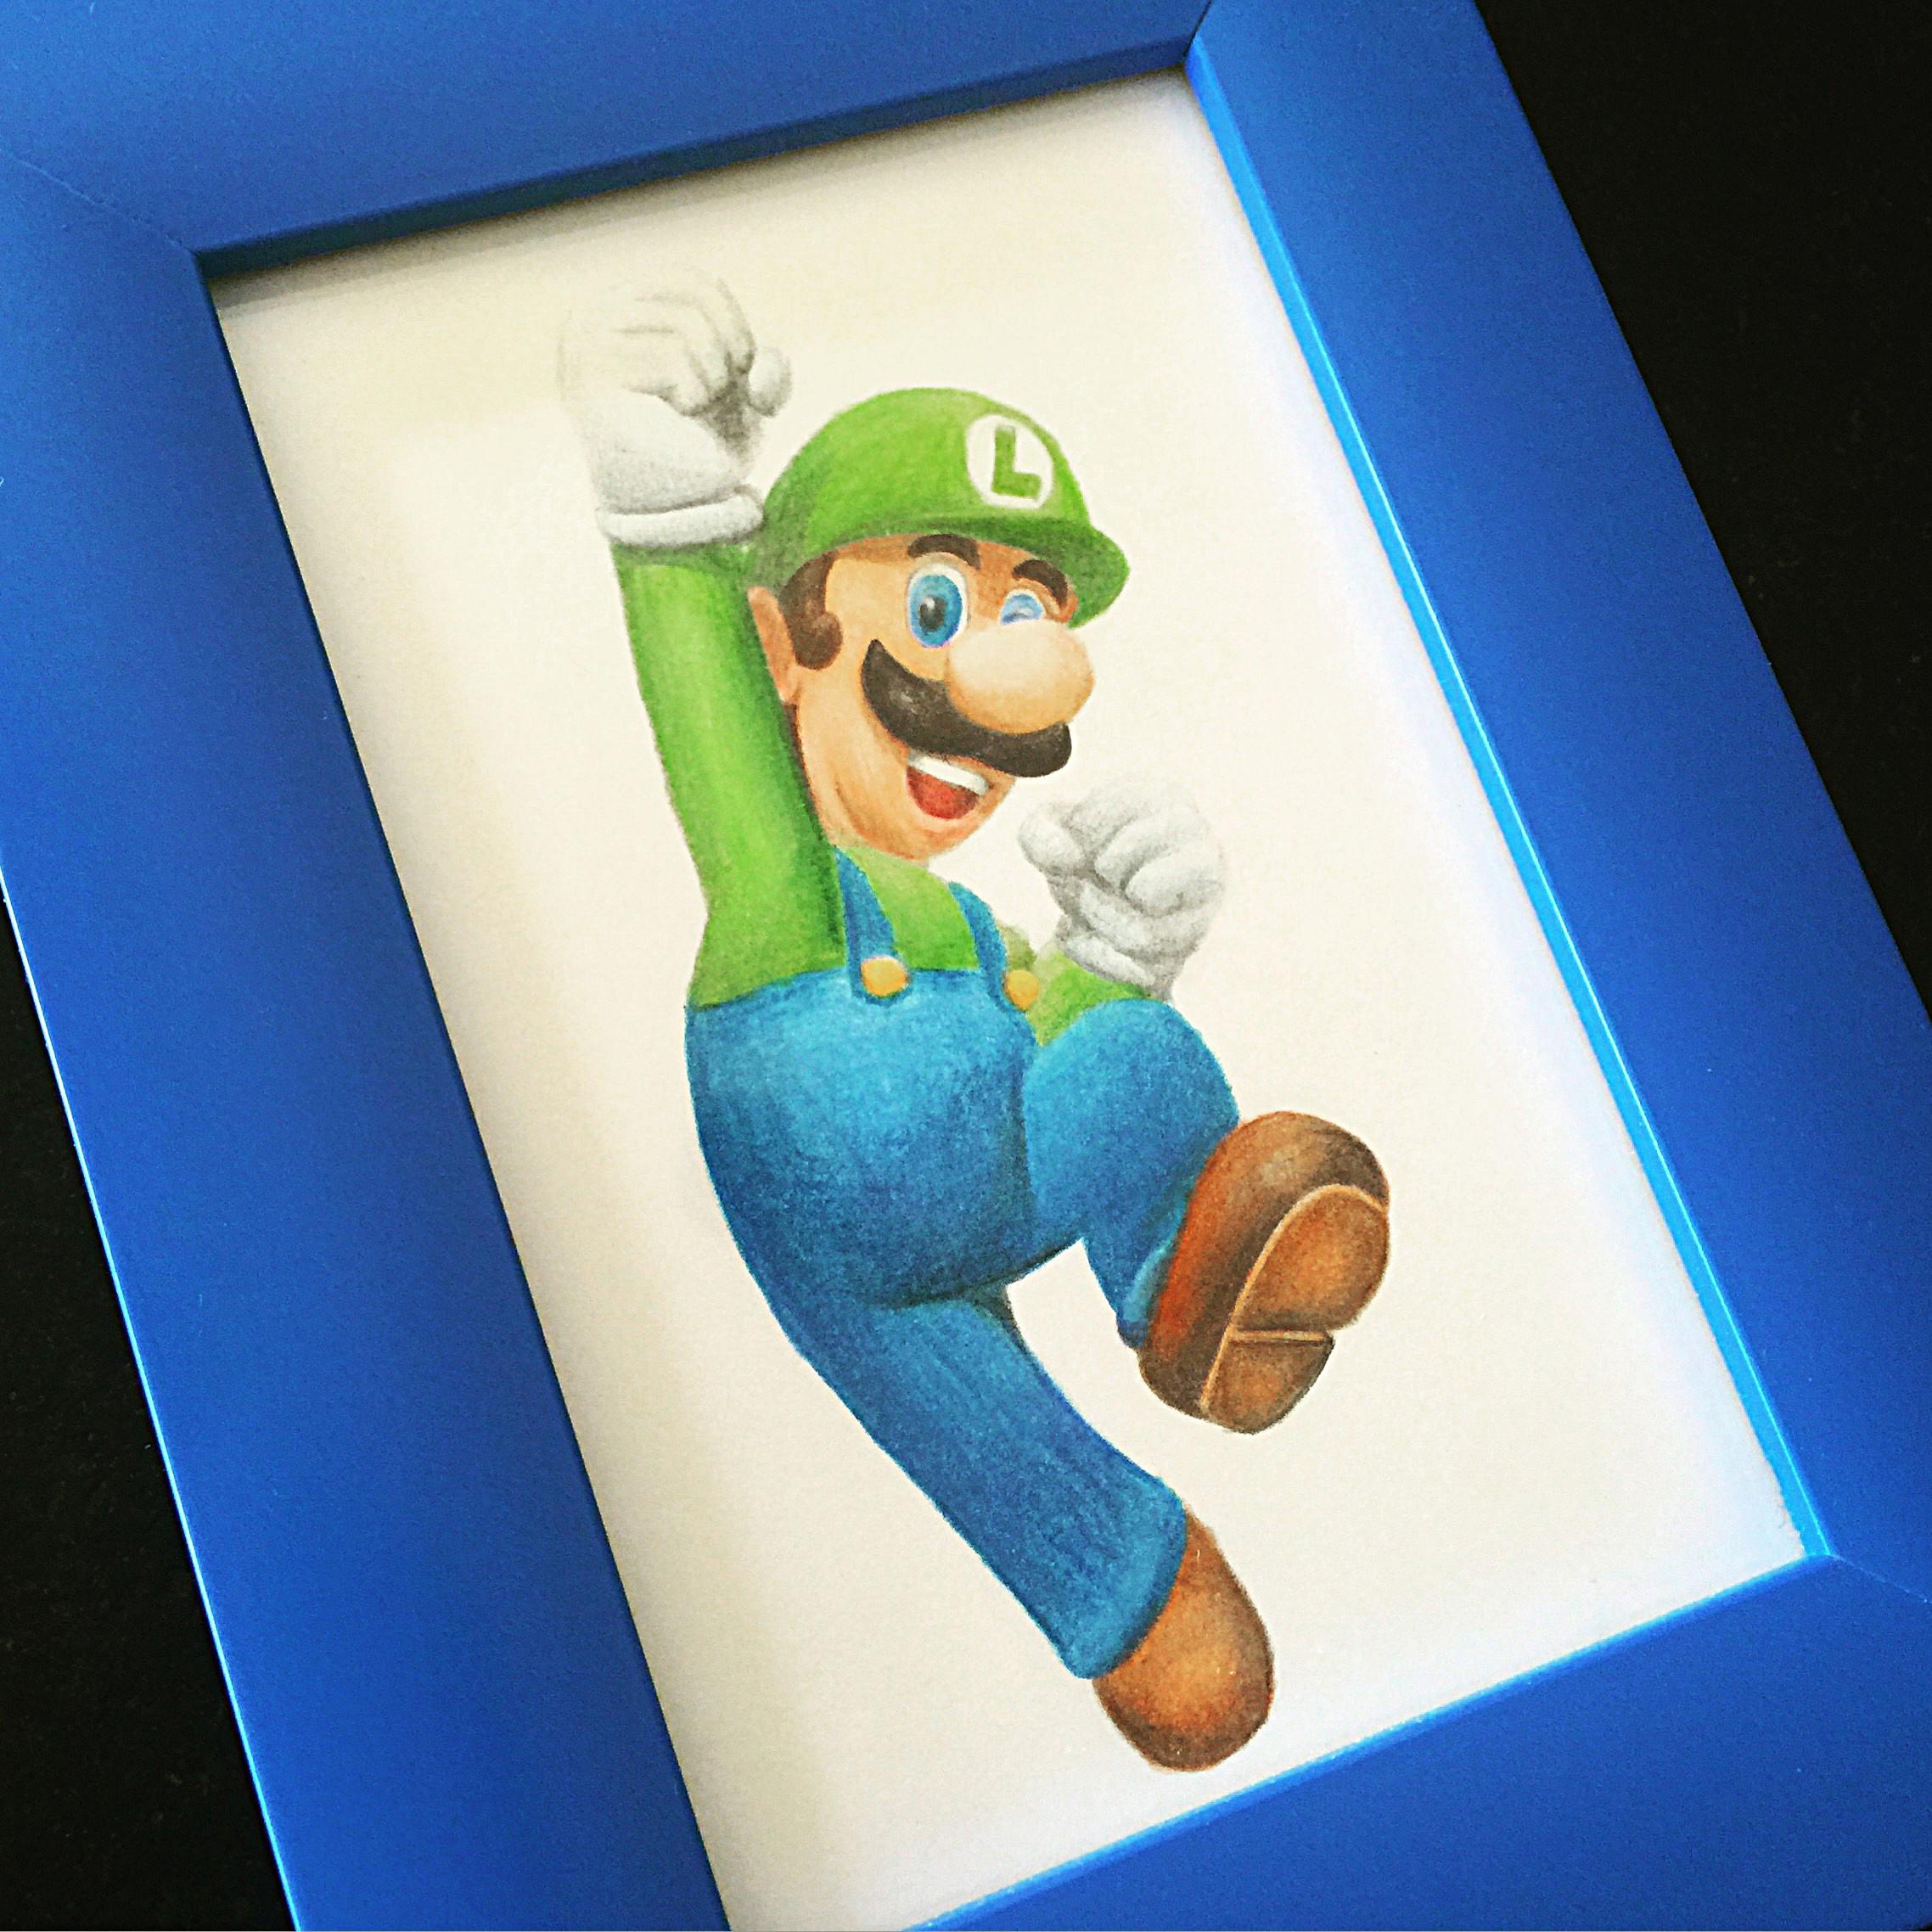 Meine Geschenkidee: Luigi mit Buntstift ausmalen und rahmen